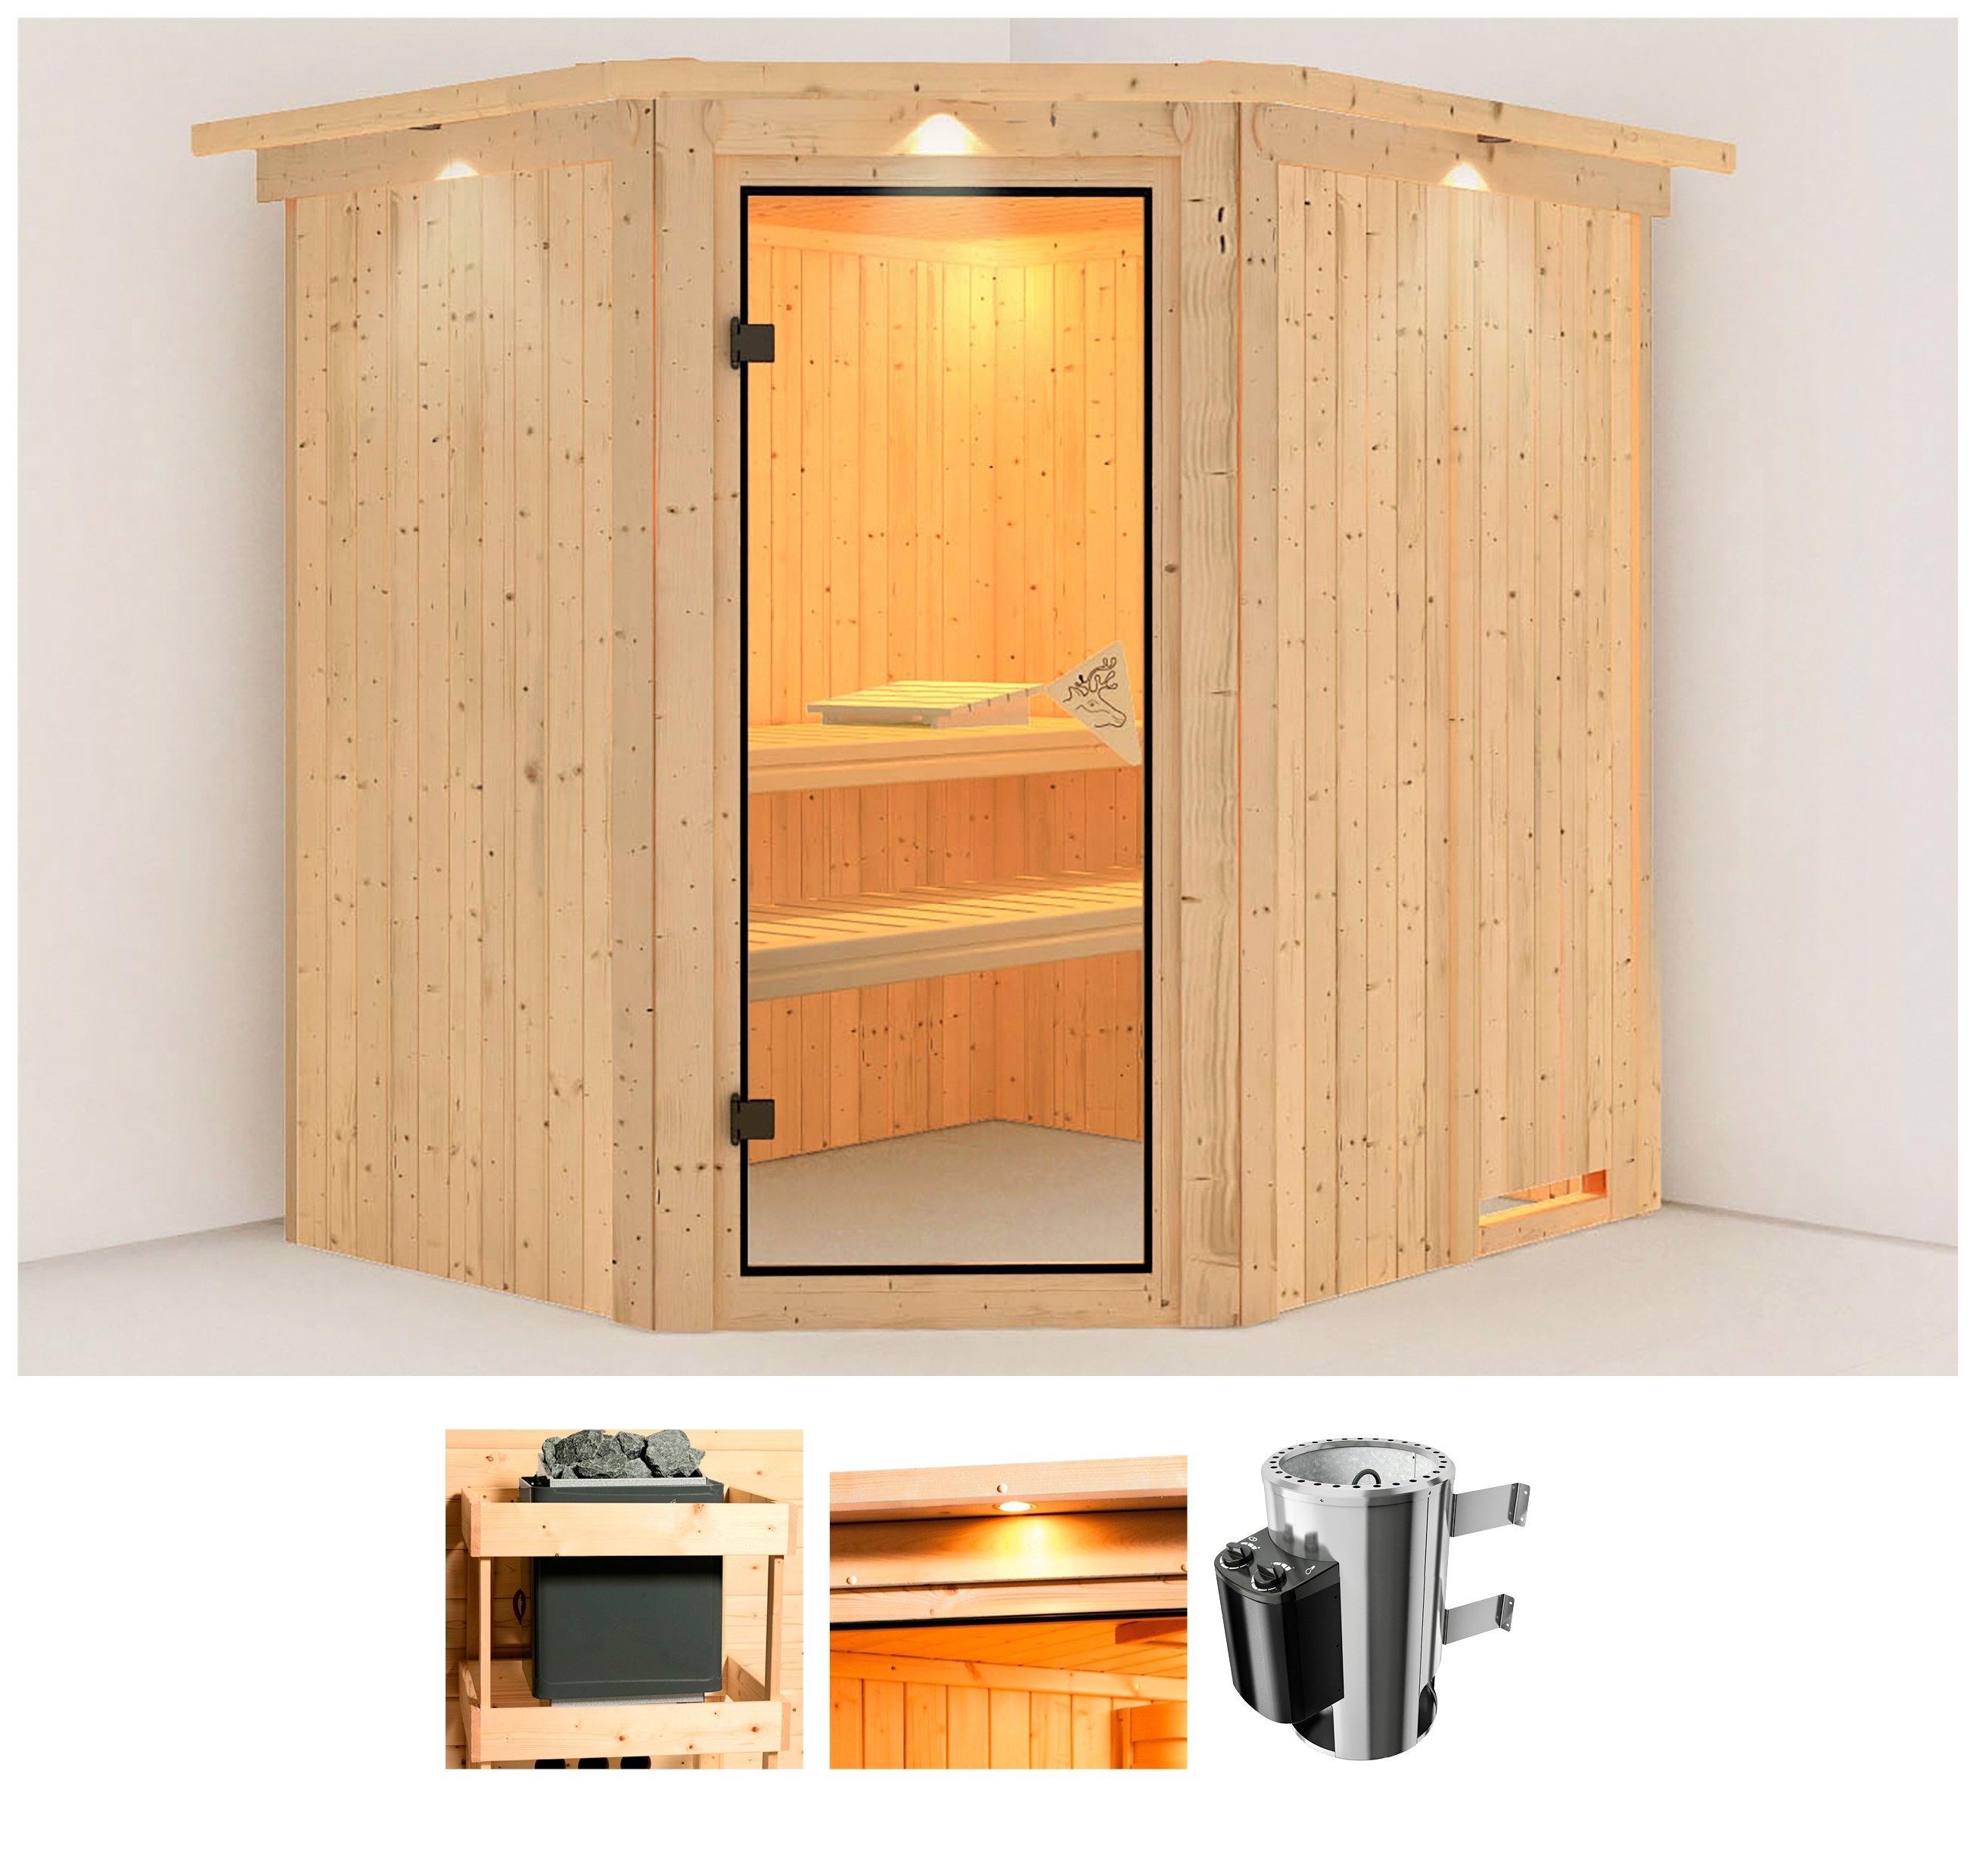 Karibu sauna »Holli«, 210x184x202 cm, 3,6 kW Plug & Play Ofen mit int. Steuerung online kopen op otto.nl